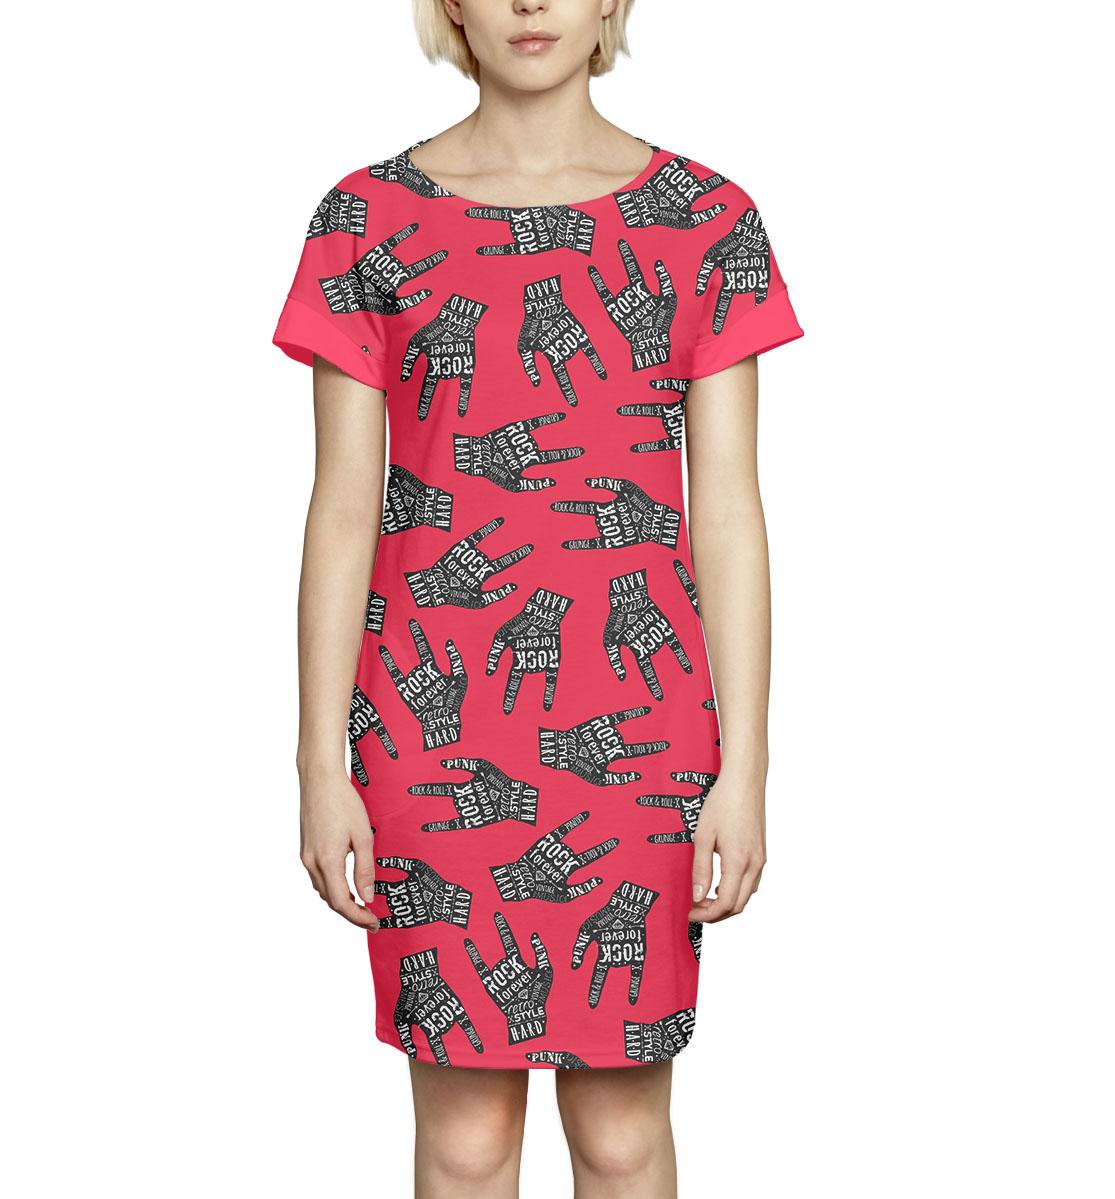 Купить Рок, Printbar, Платье летнее, NWT-147249-pkr-1